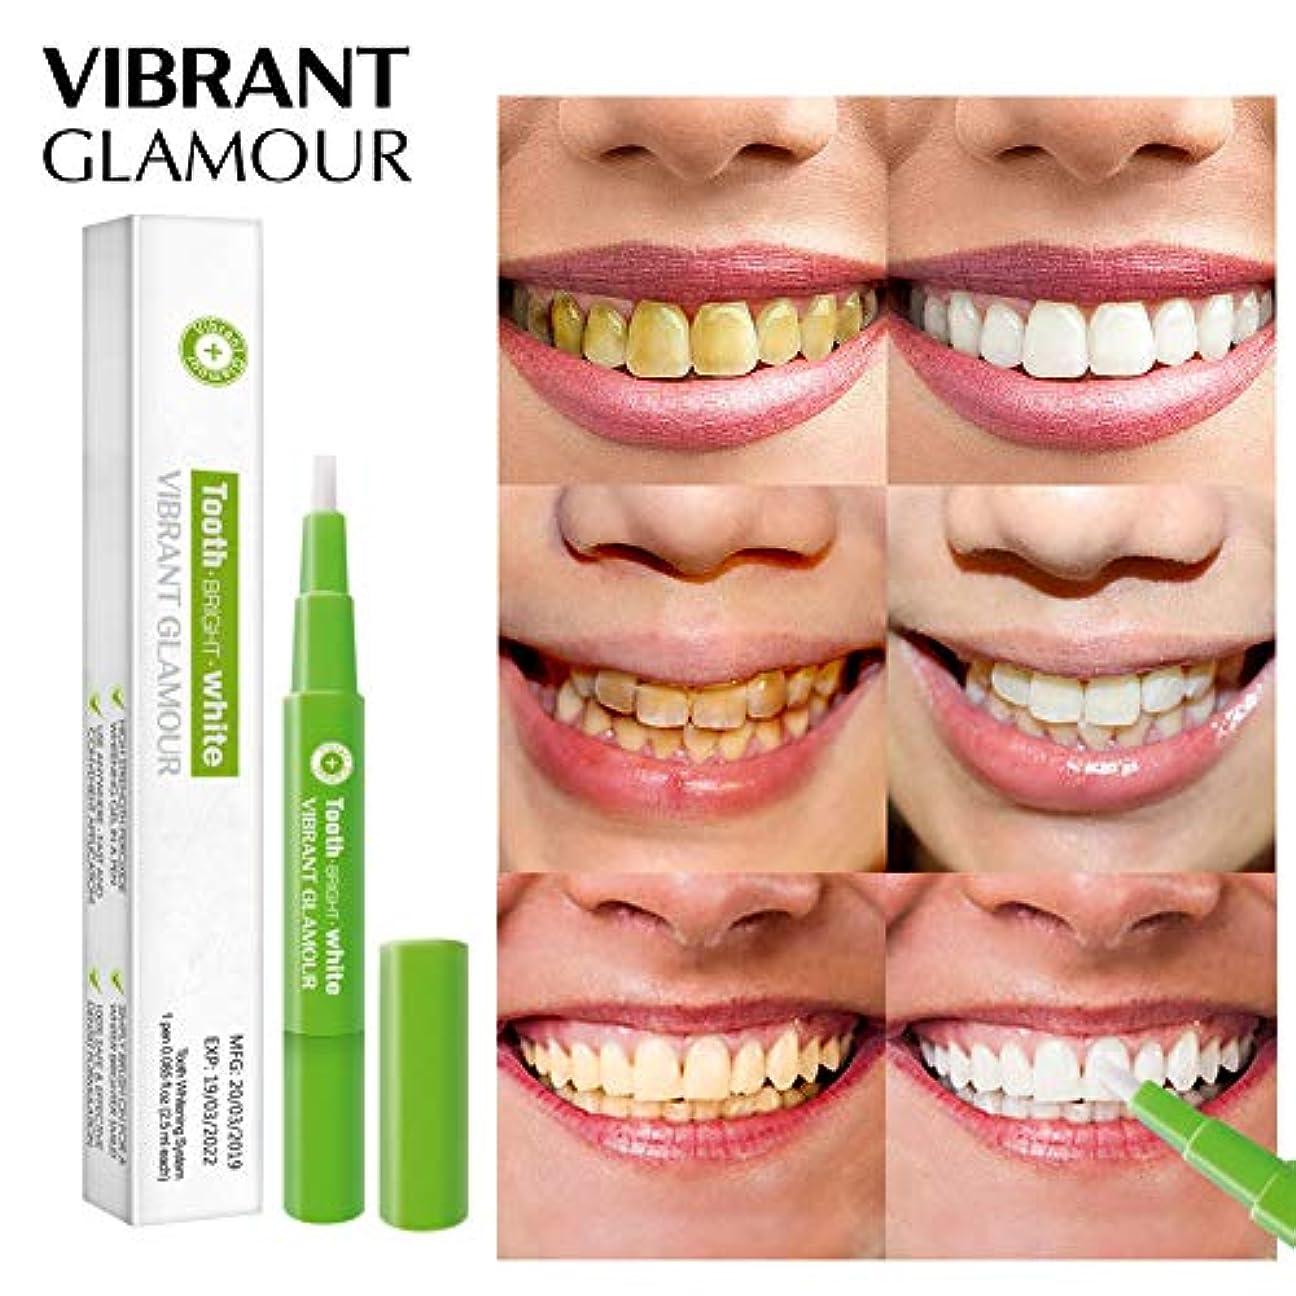 不健全解釈ケーブル歯のホワイトニングペン FidgetFidget ペンを白くする歯の漂白用具歯科白い歯 ホワイトニングペン 歯ブラシ 輝く笑顔 口臭防止 歯周病防止